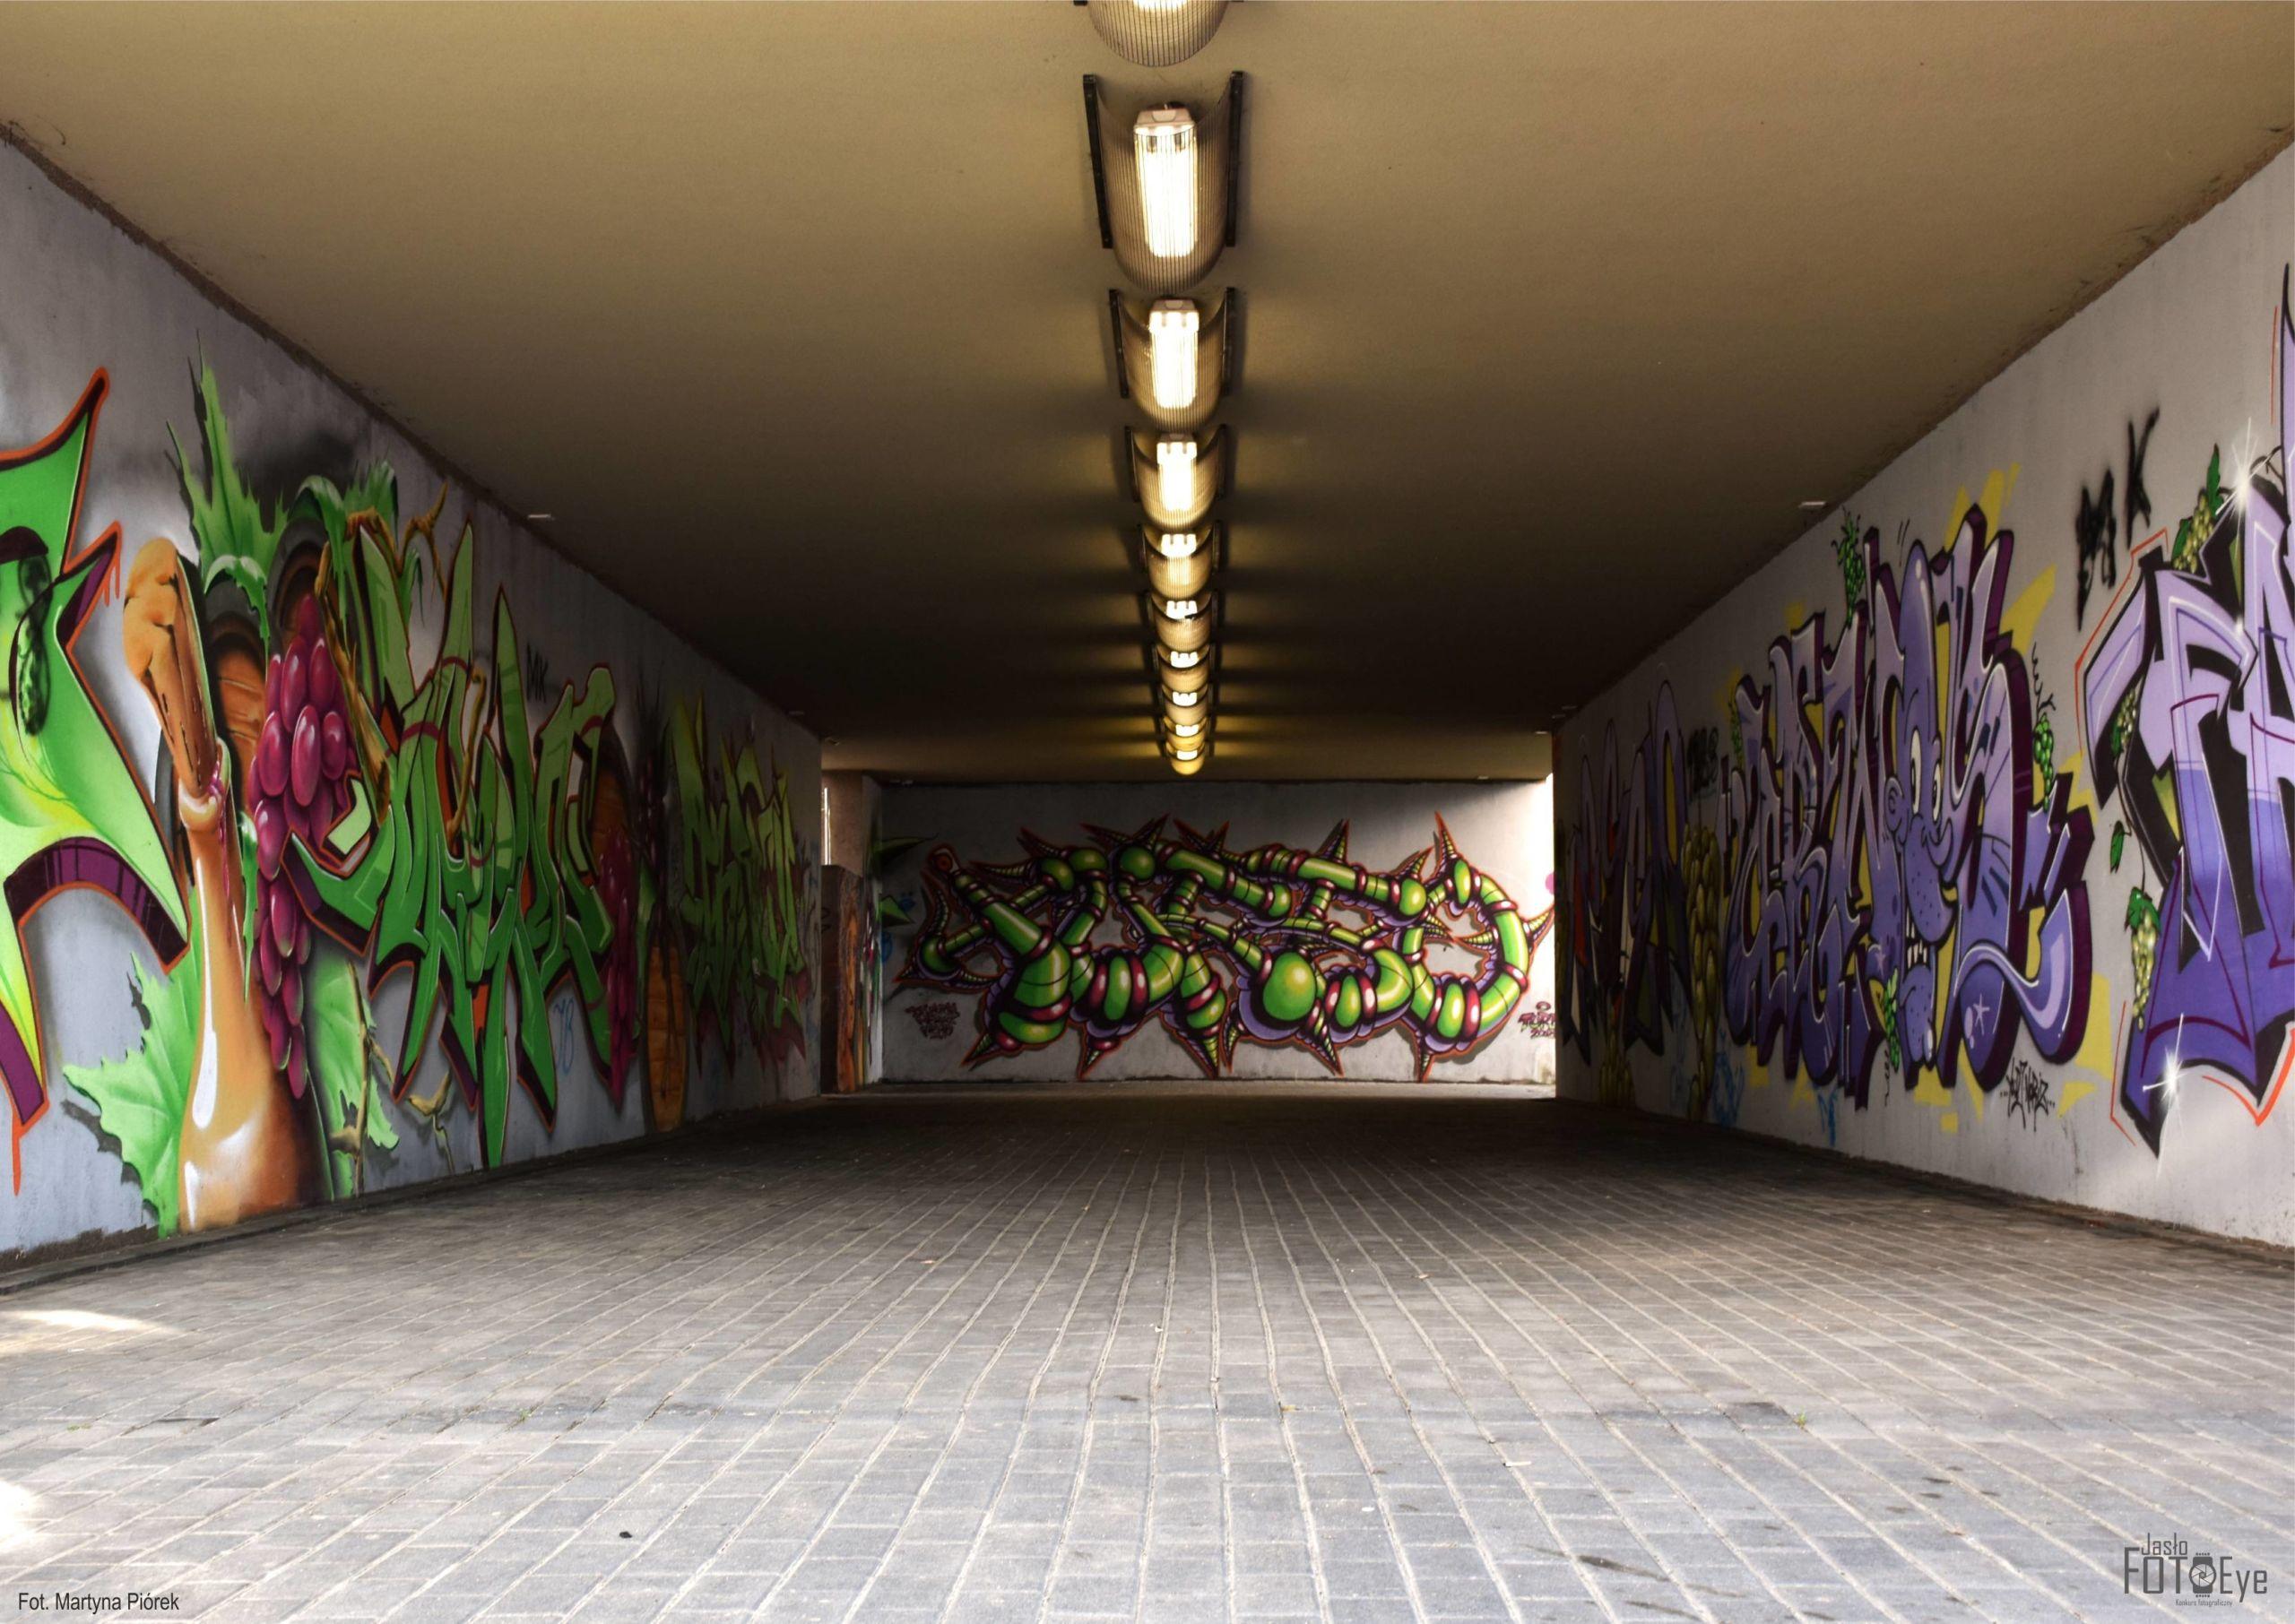 """zdjęcie pt. """"Tunel Kolorów"""", autorstwa Martyny Piórek."""